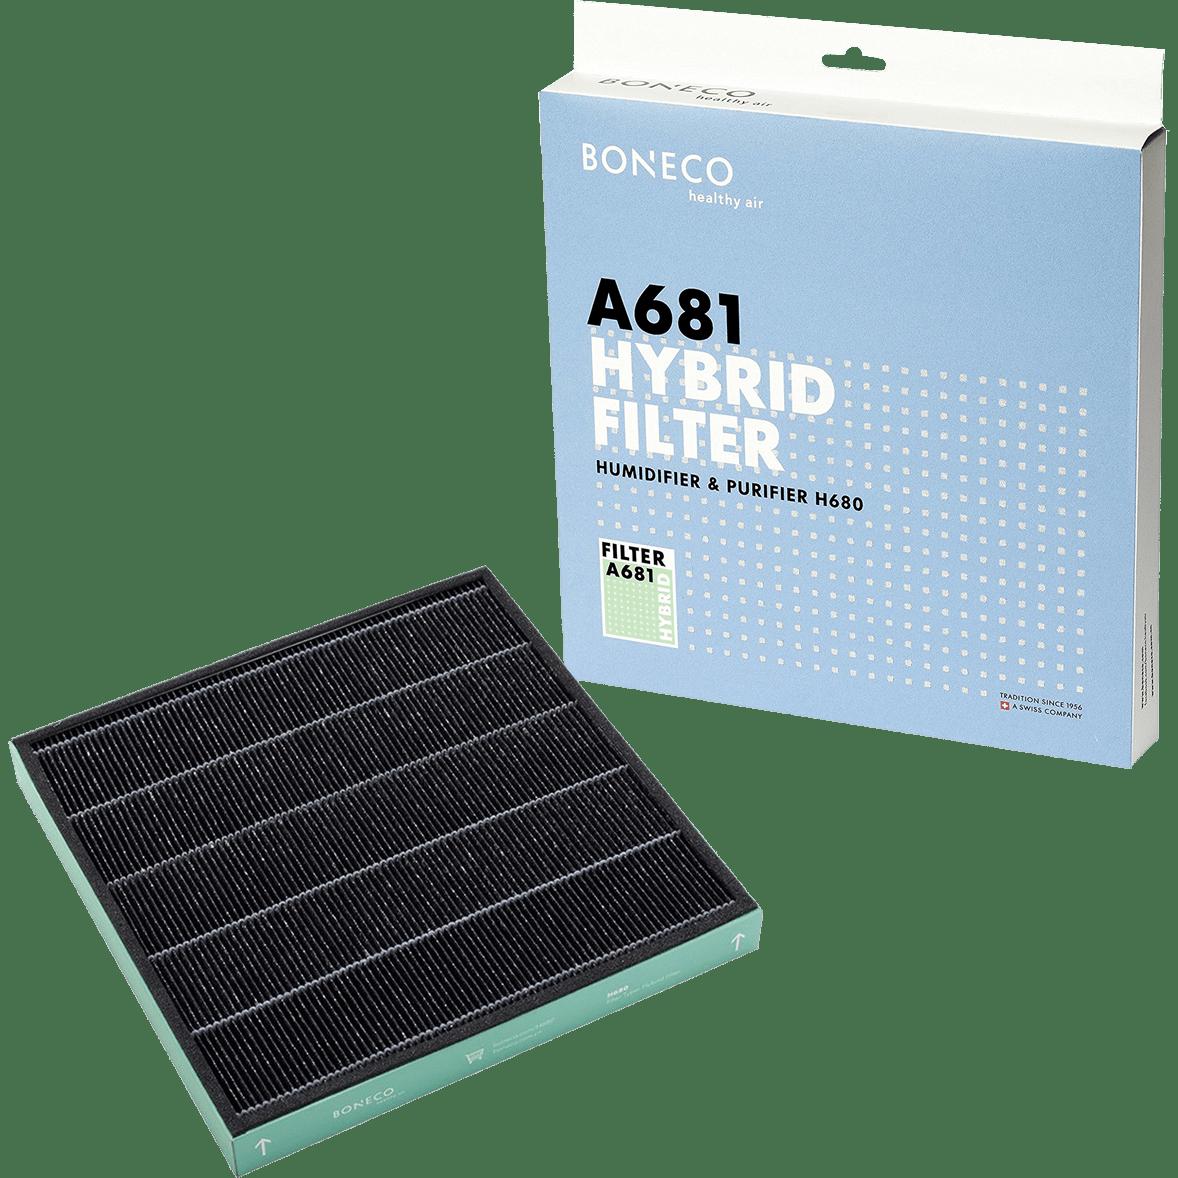 Boneco A681 Healthy Air Hybrid Air Filter ai5073